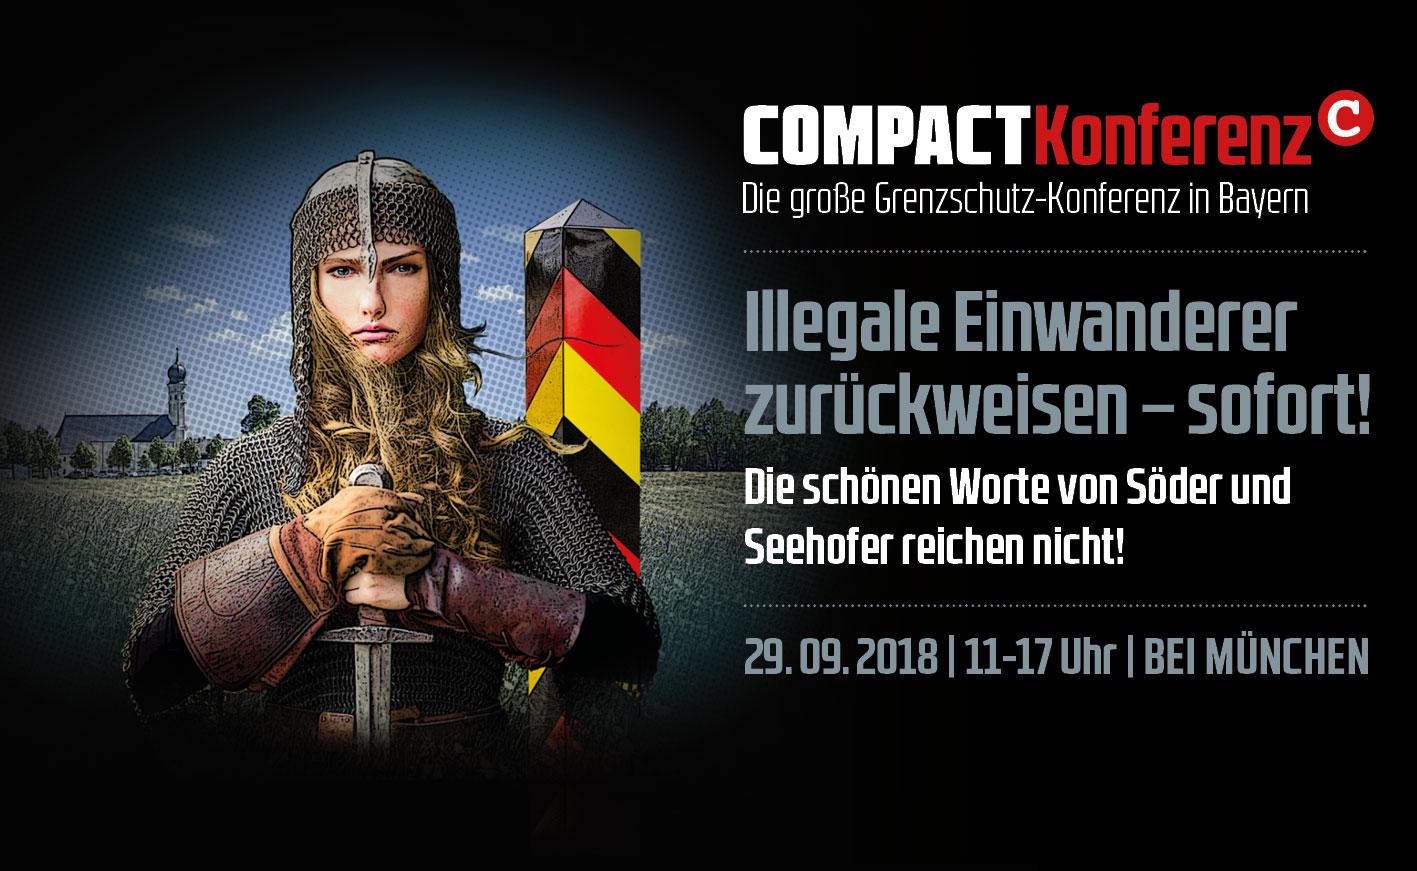 Die große COMPACT-Konferenz am 29.09.2018 im Raum München